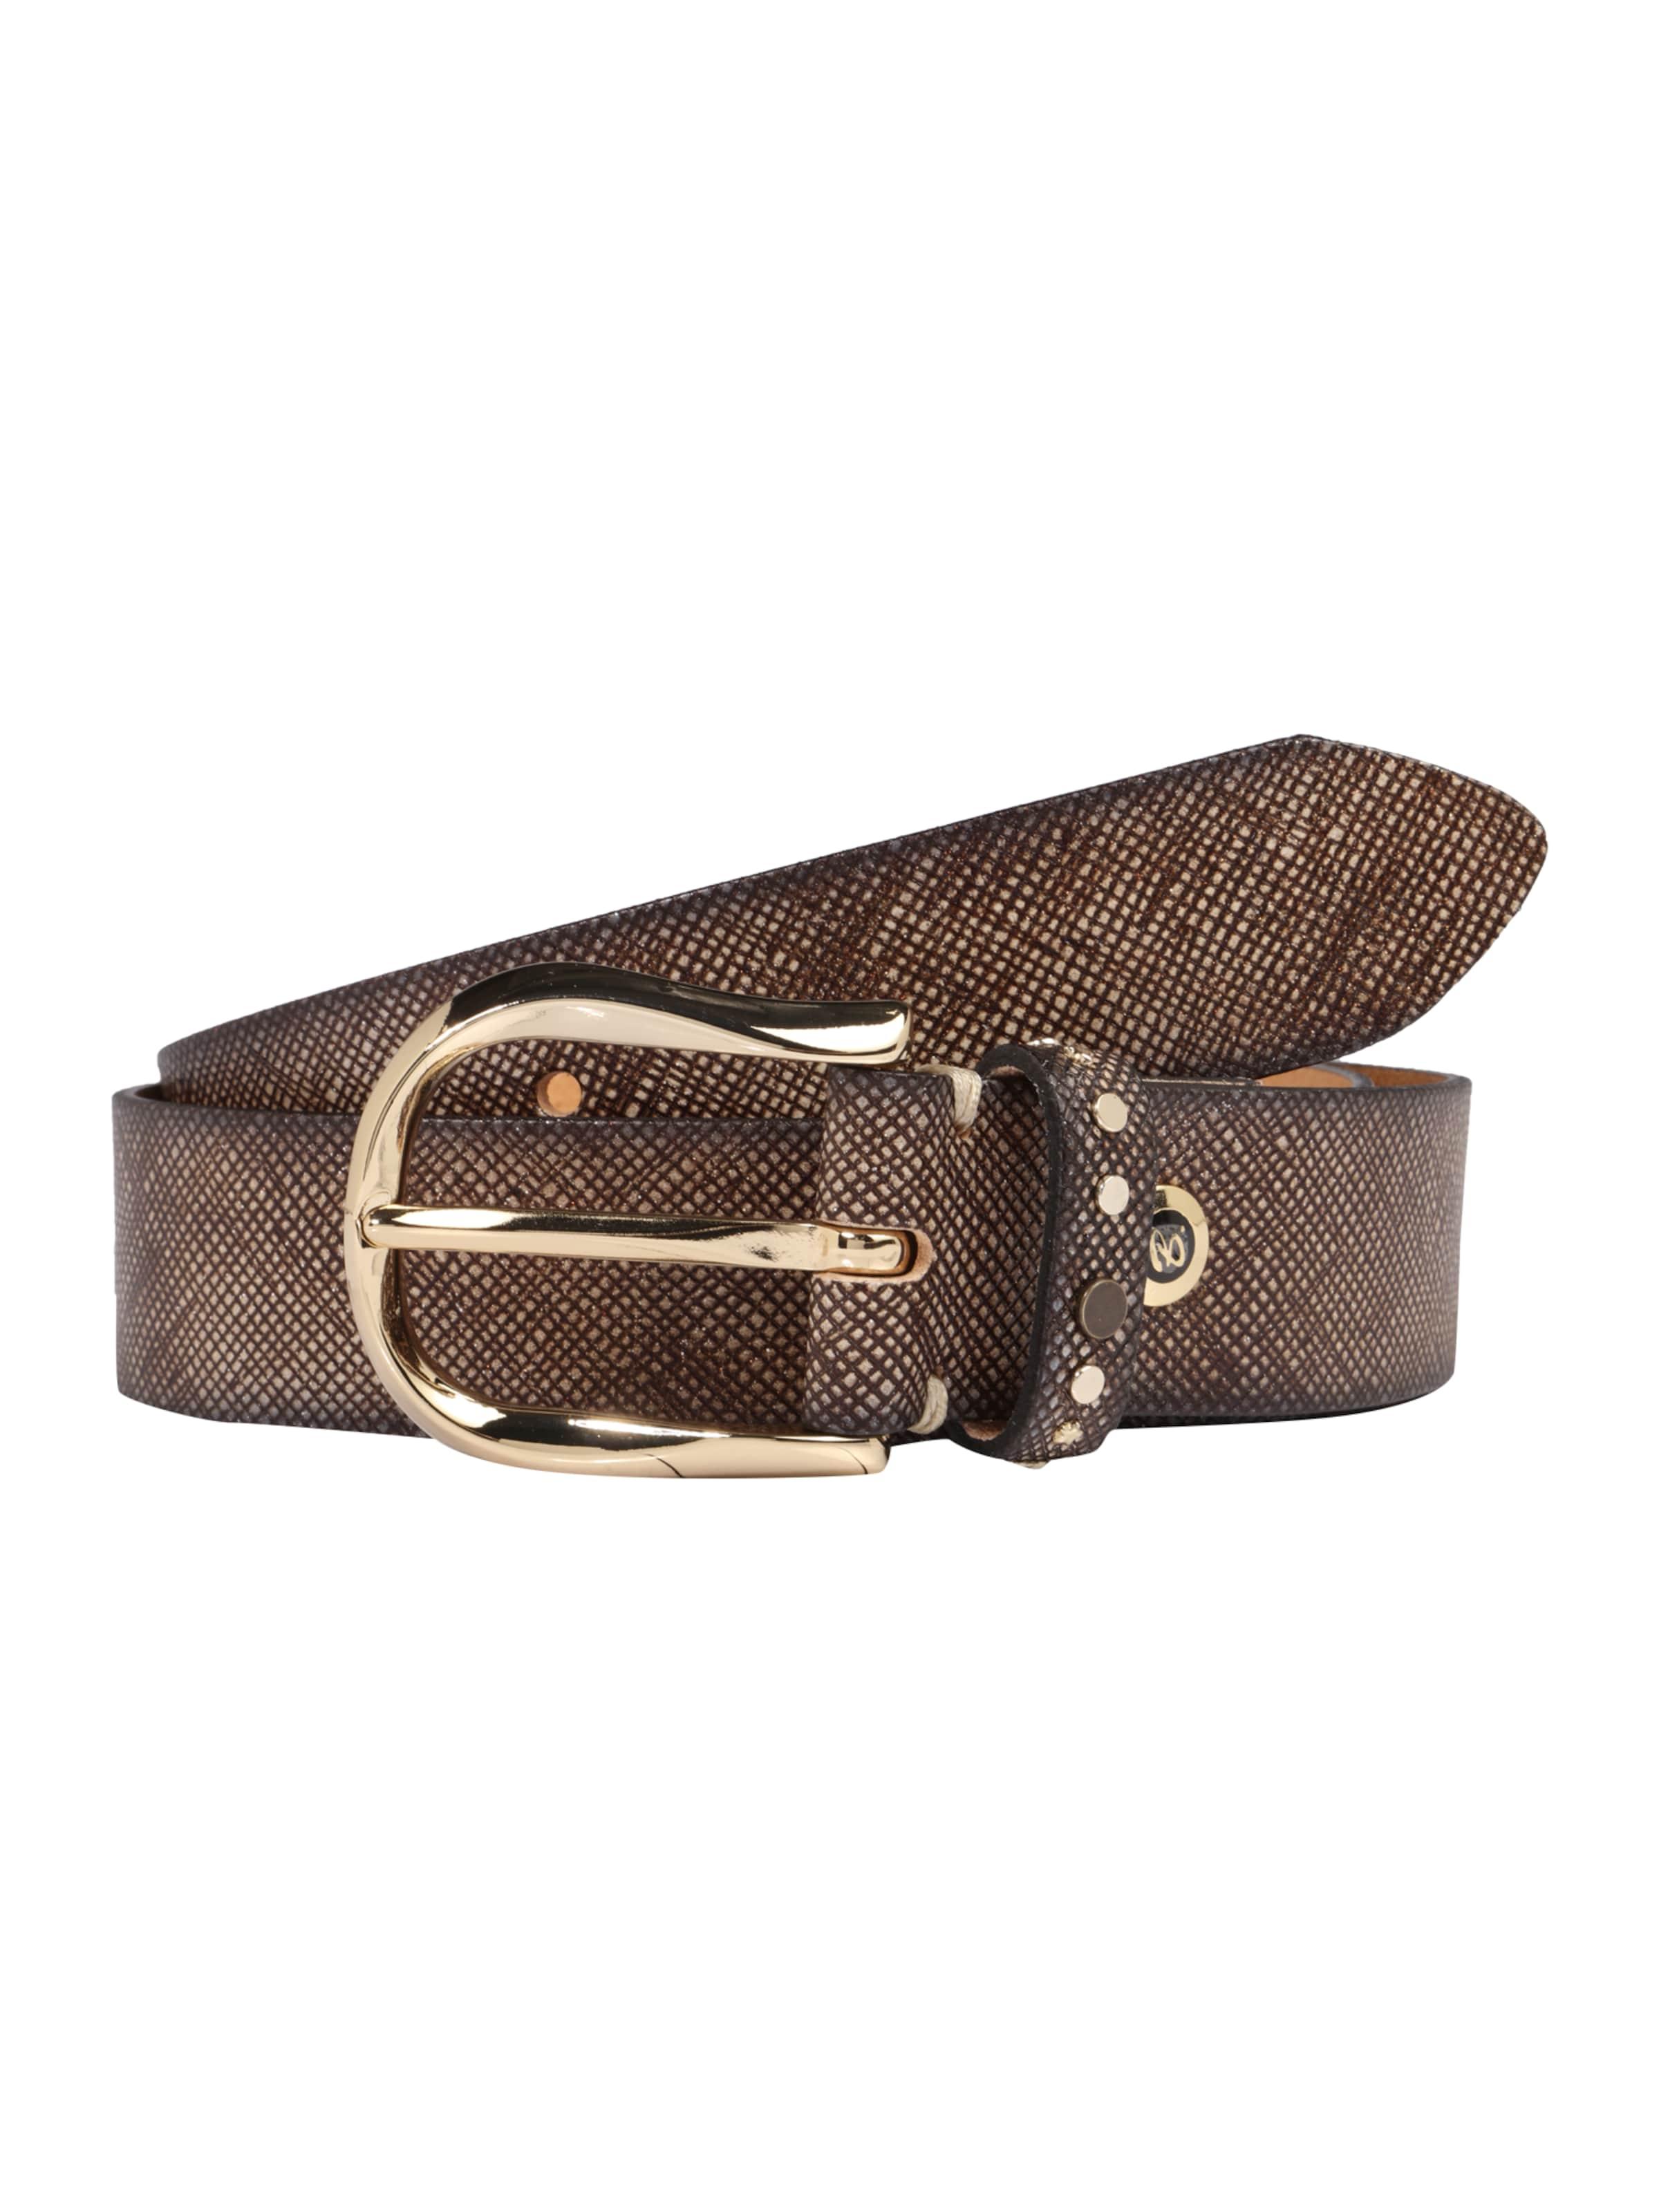 Billig Verkauf Angebote Verkaufsauftrag b.belt Handmade in Germany Ledergürtel mit Saffiano-Prägung EpnLi8e